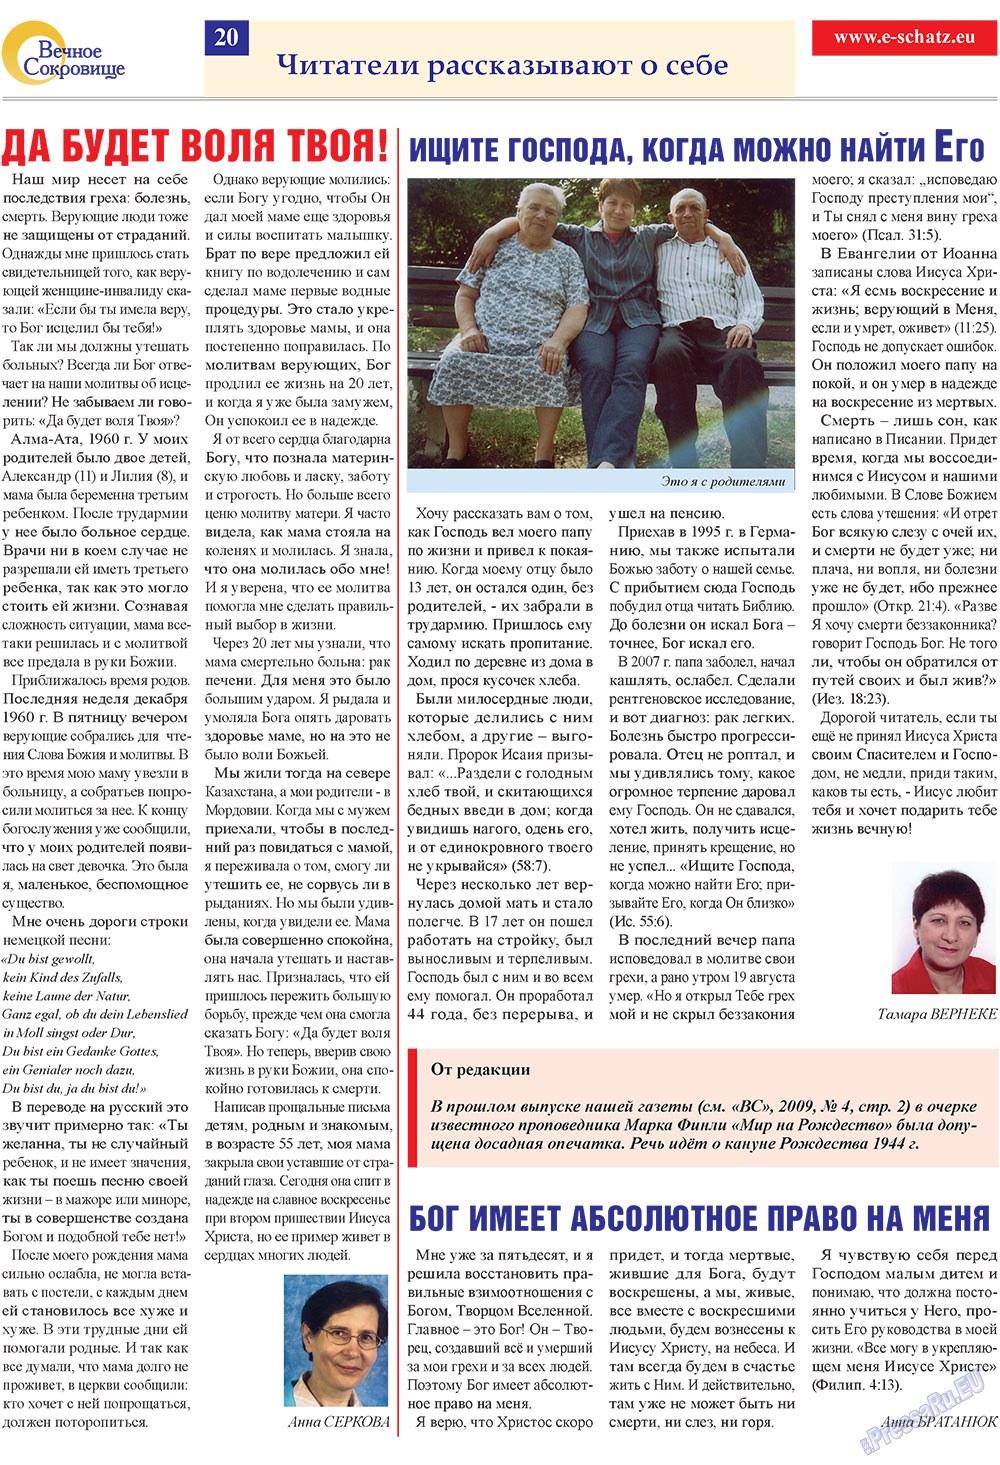 Вечное сокровище (газета). 2010 год, номер 1, стр. 20